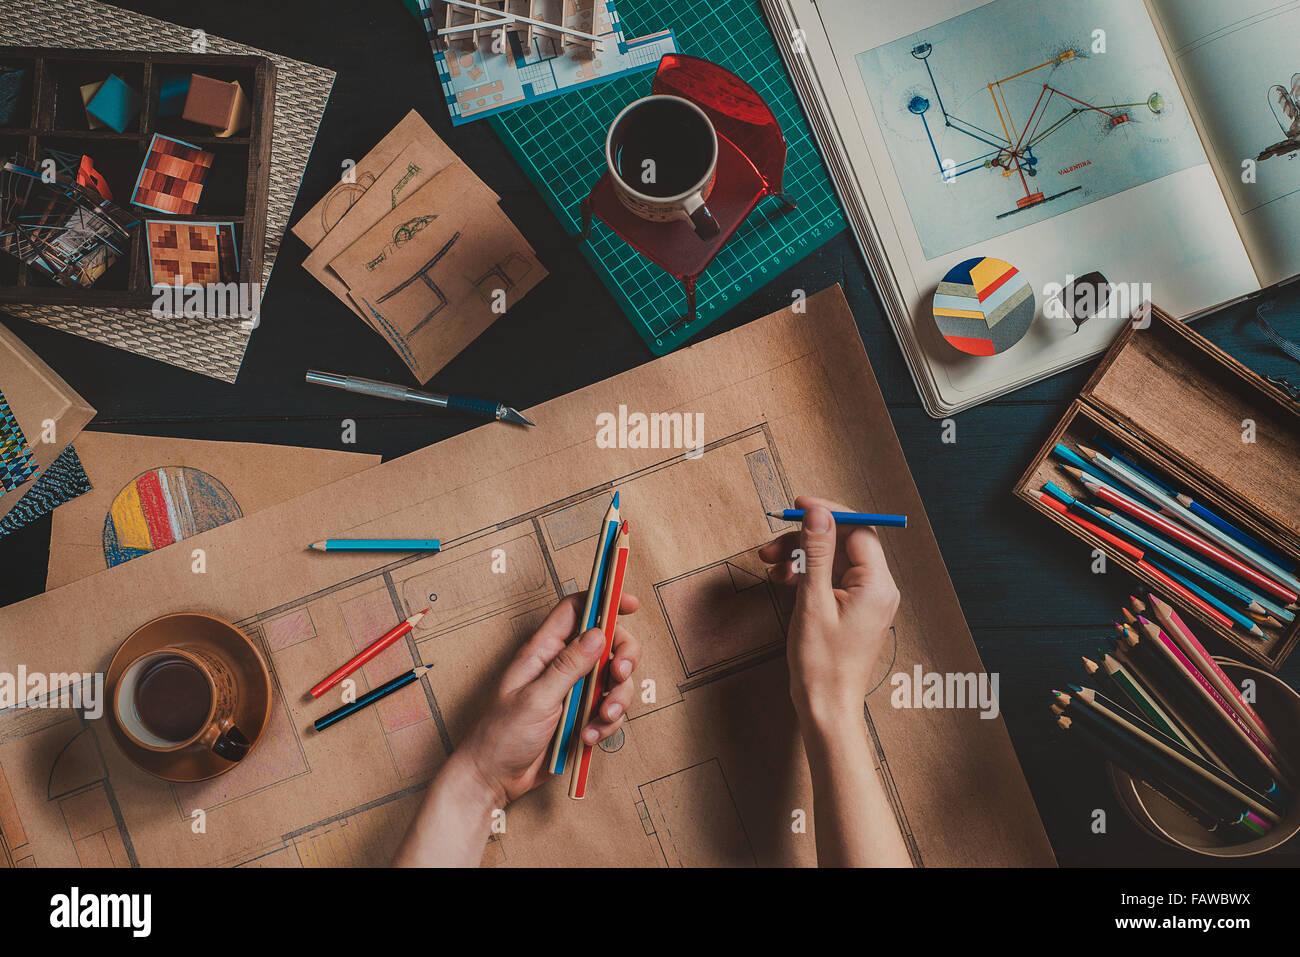 Графический дизайн история и тенденции современного развития